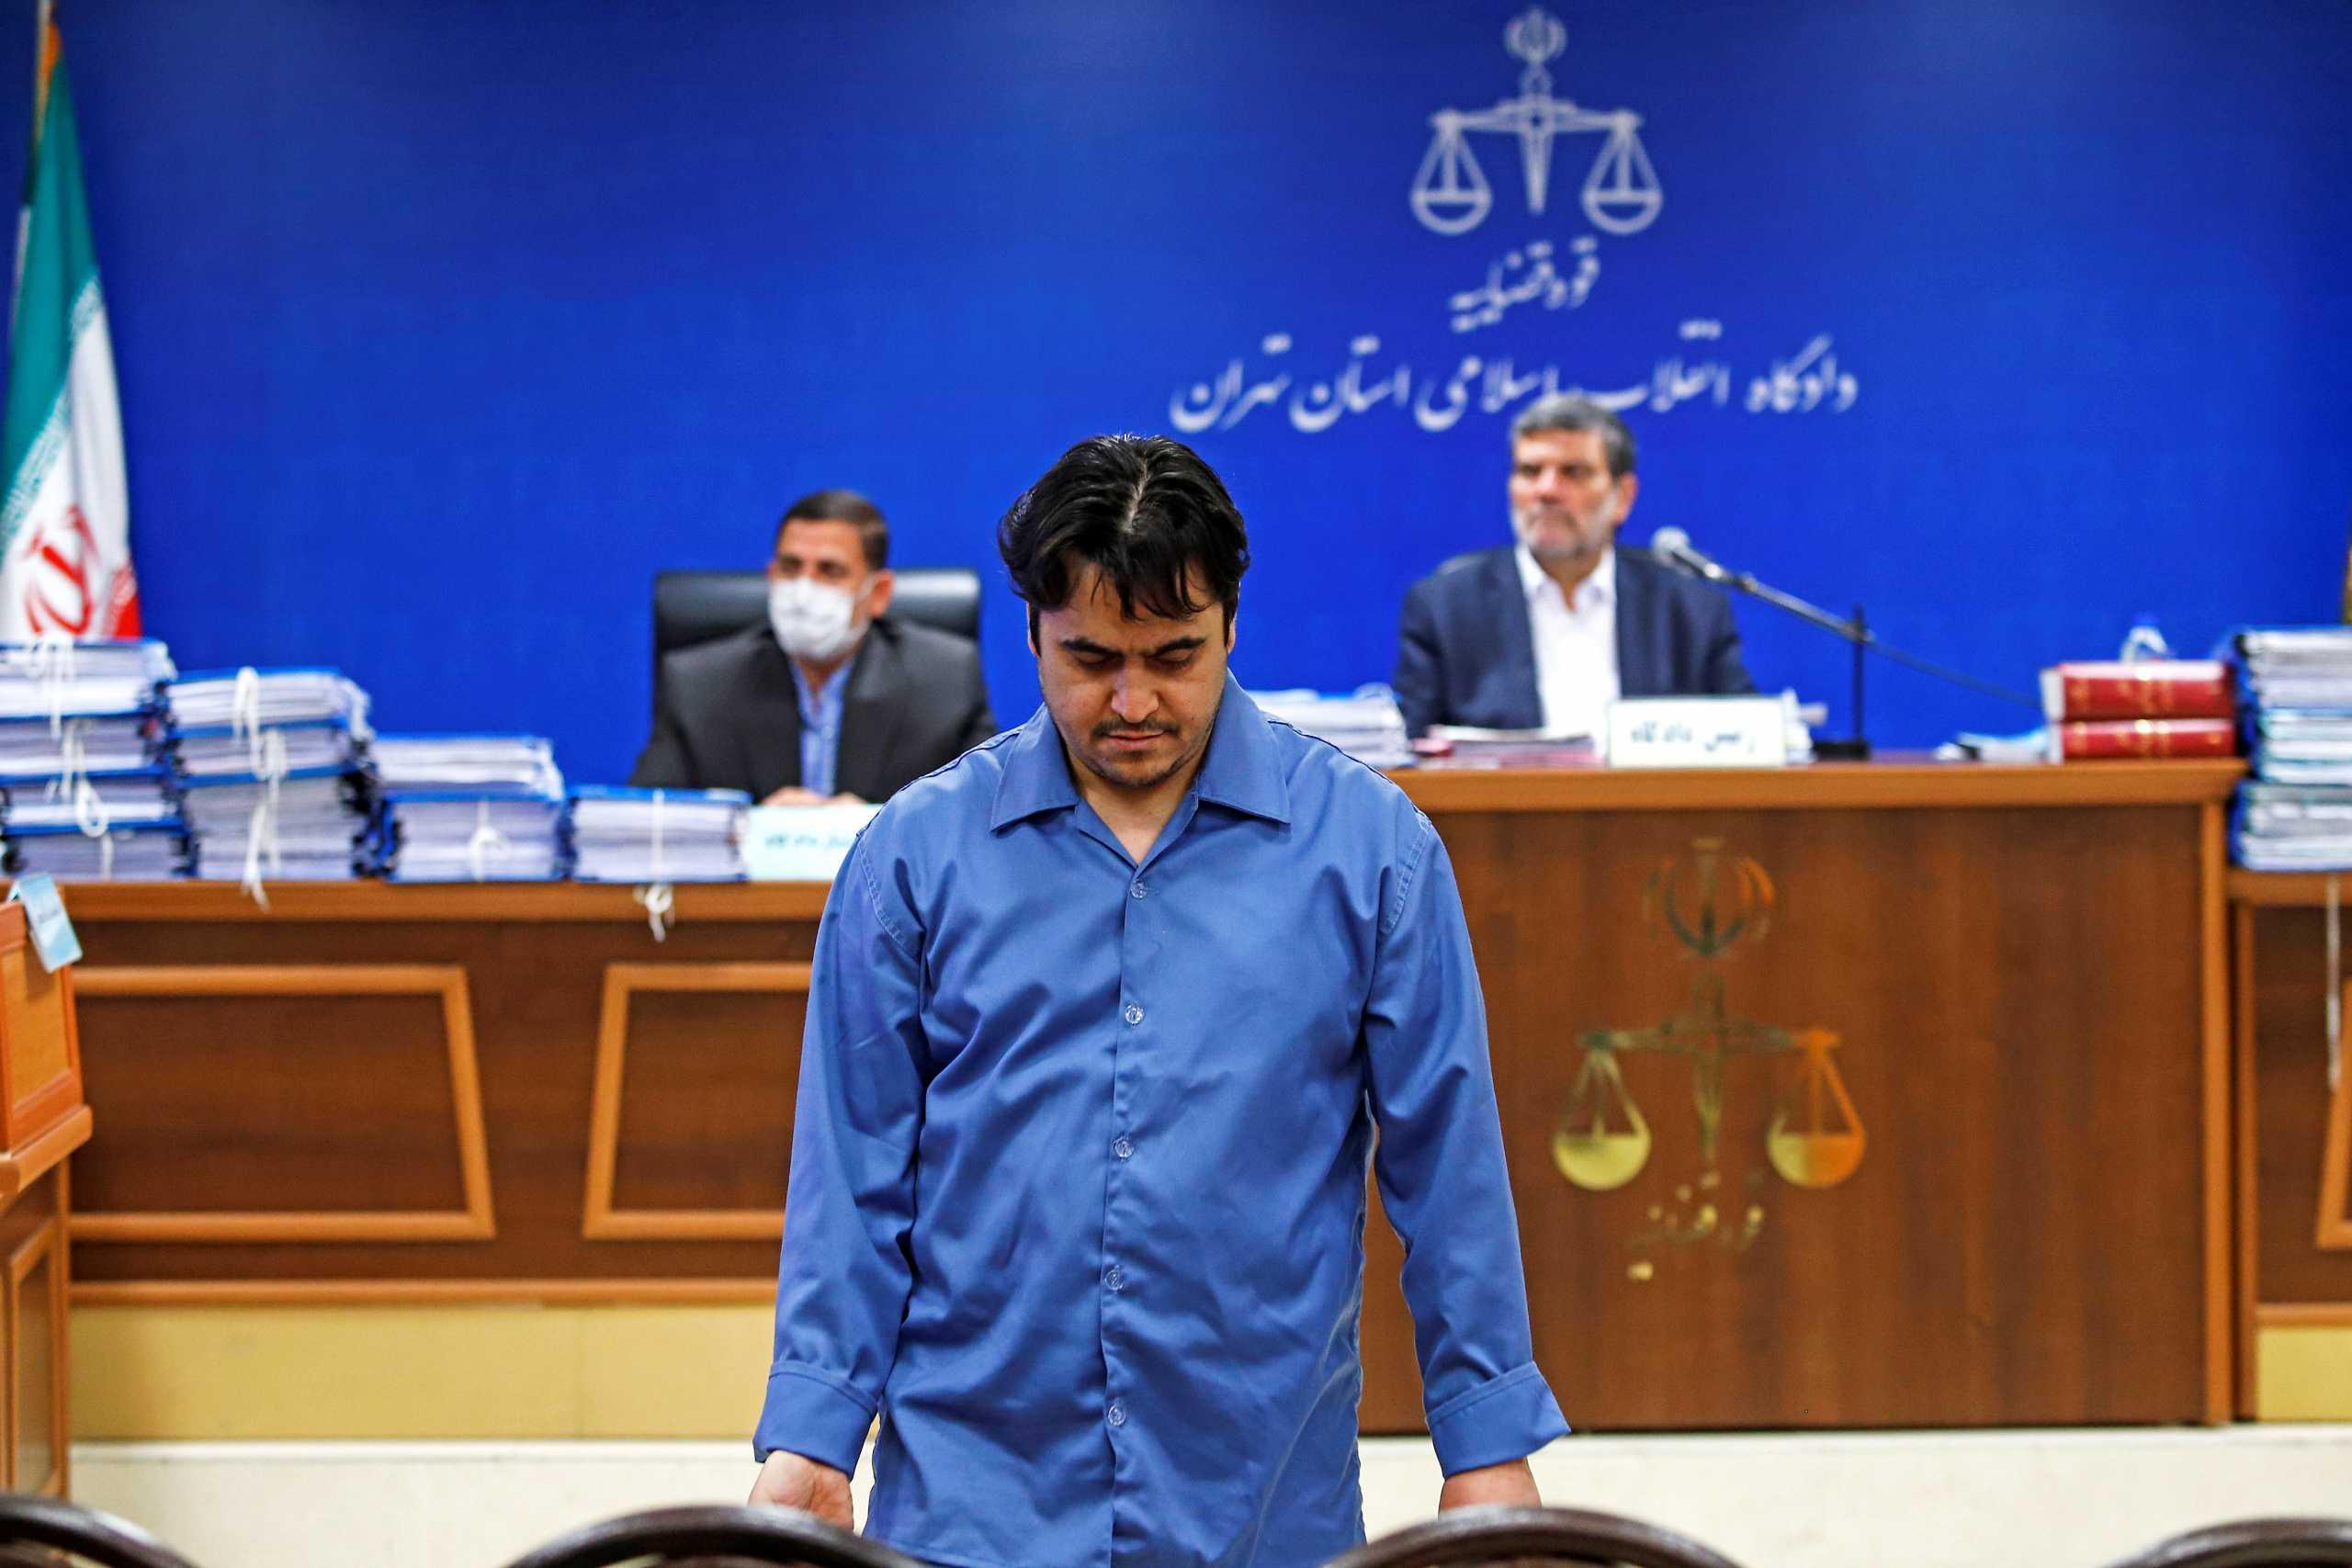 Ιράν: Εκτελέστηκε ο αντιφρονούντας δημοσιογράφος Ρουχολάχ Ζαμ